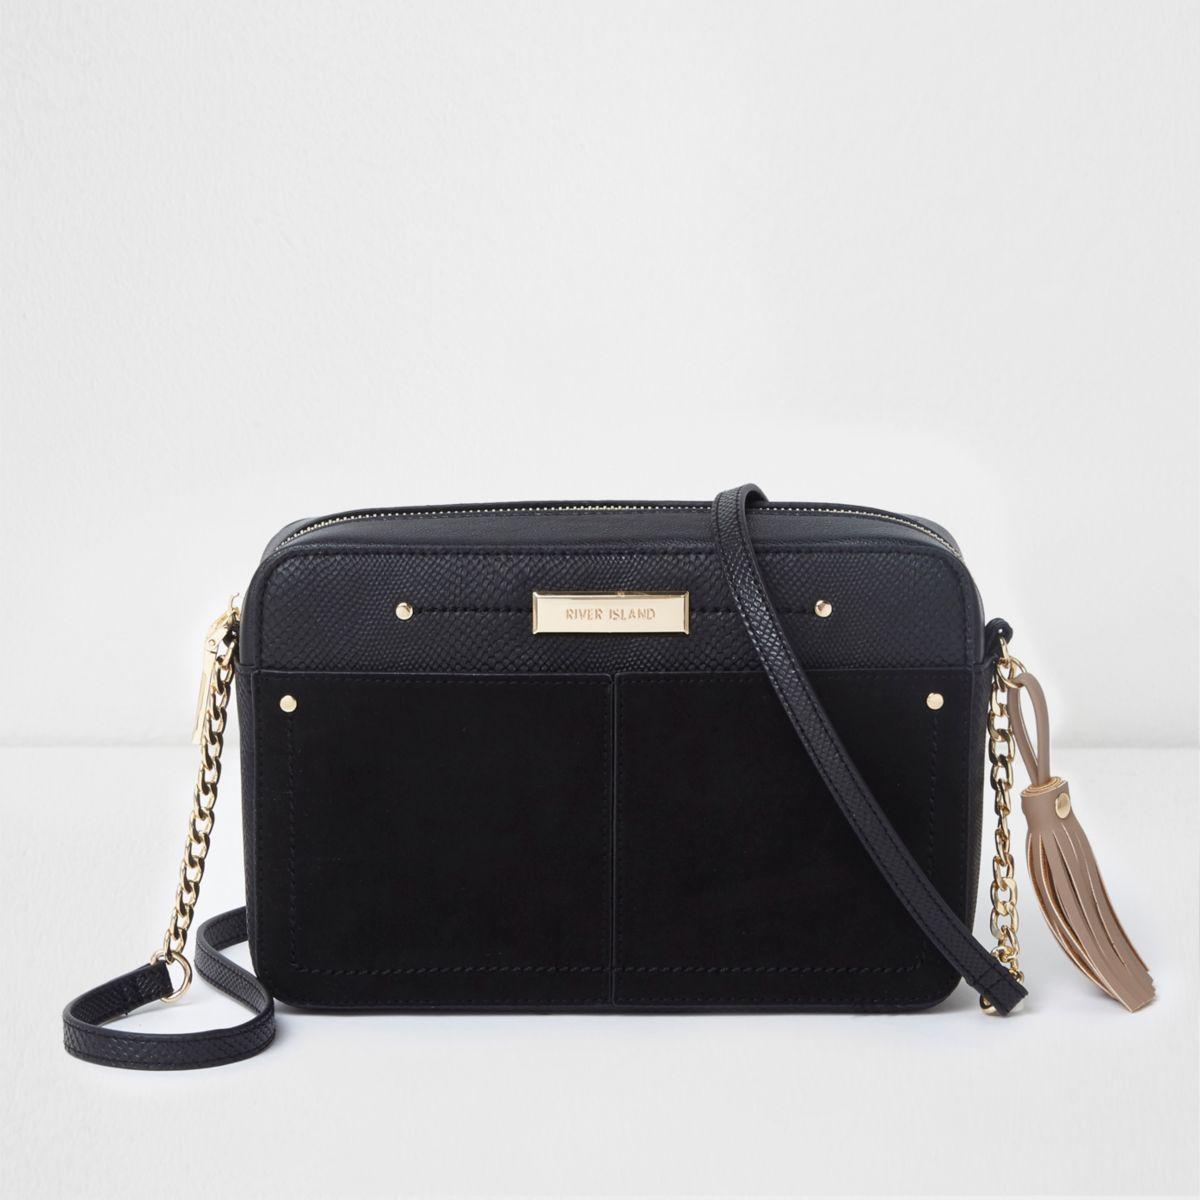 Zwarte rechthoekige crossbodytas met voorvak en ketting